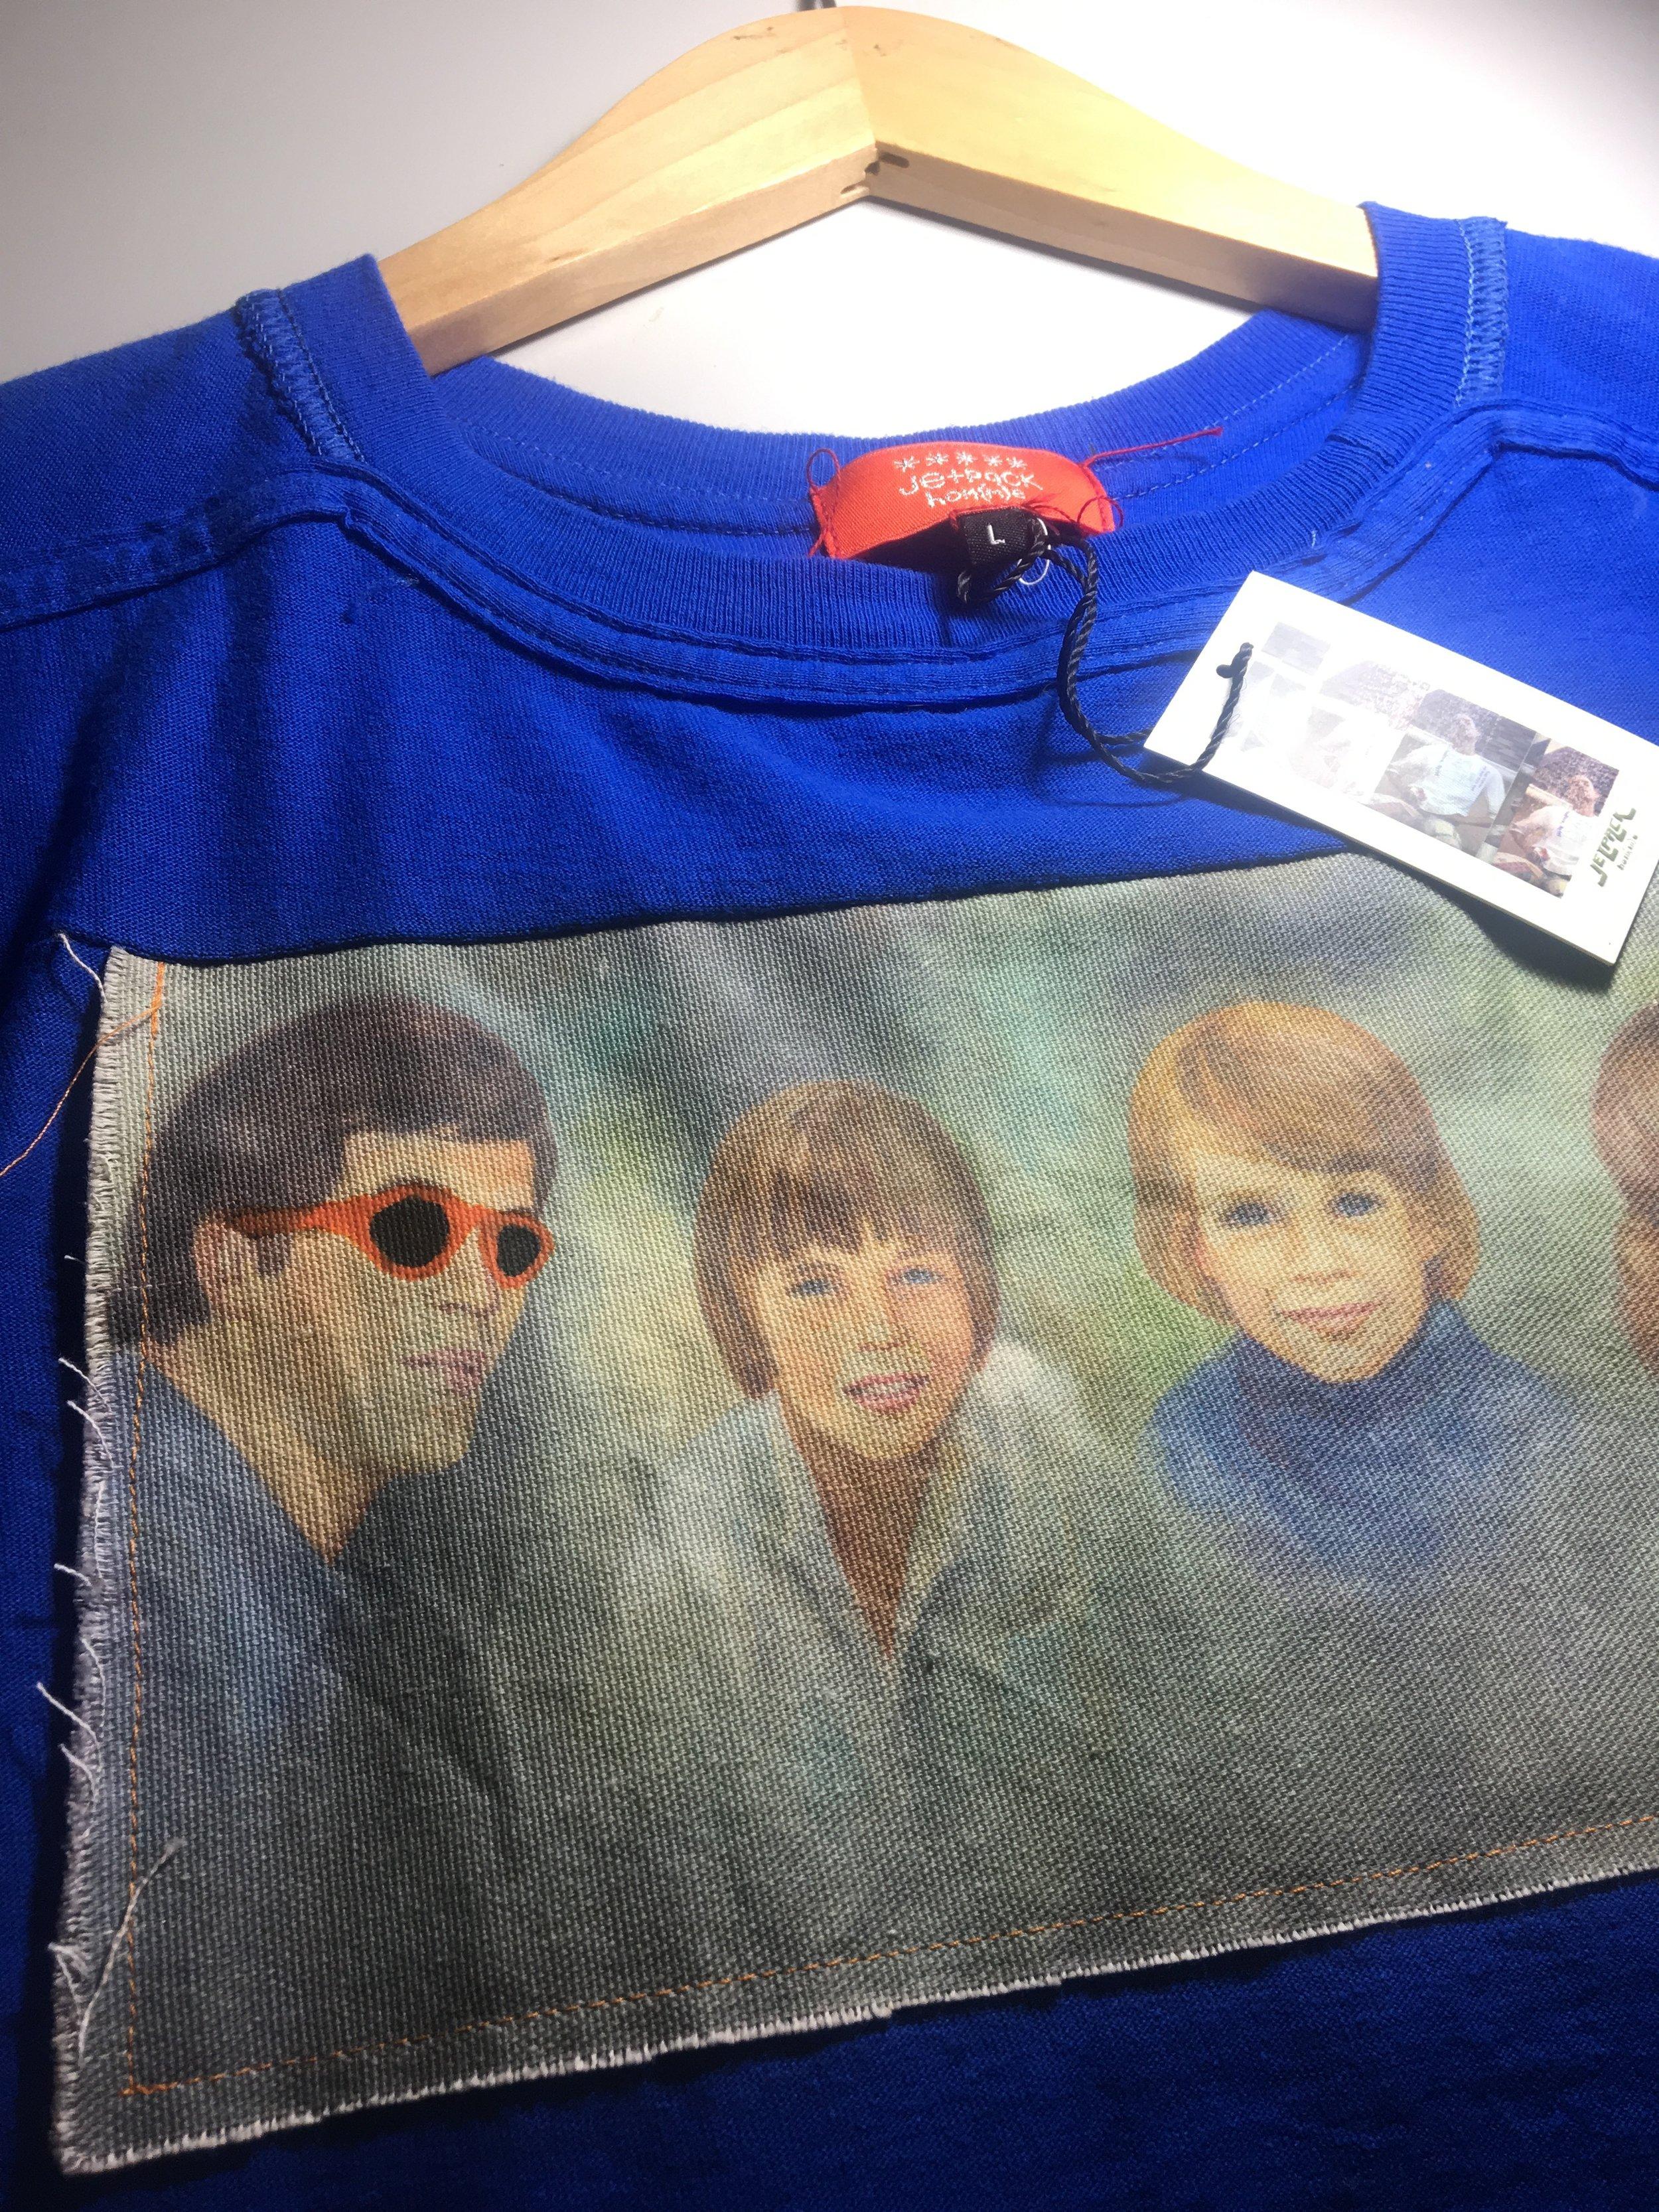 Shirt 12_front detail.JPG